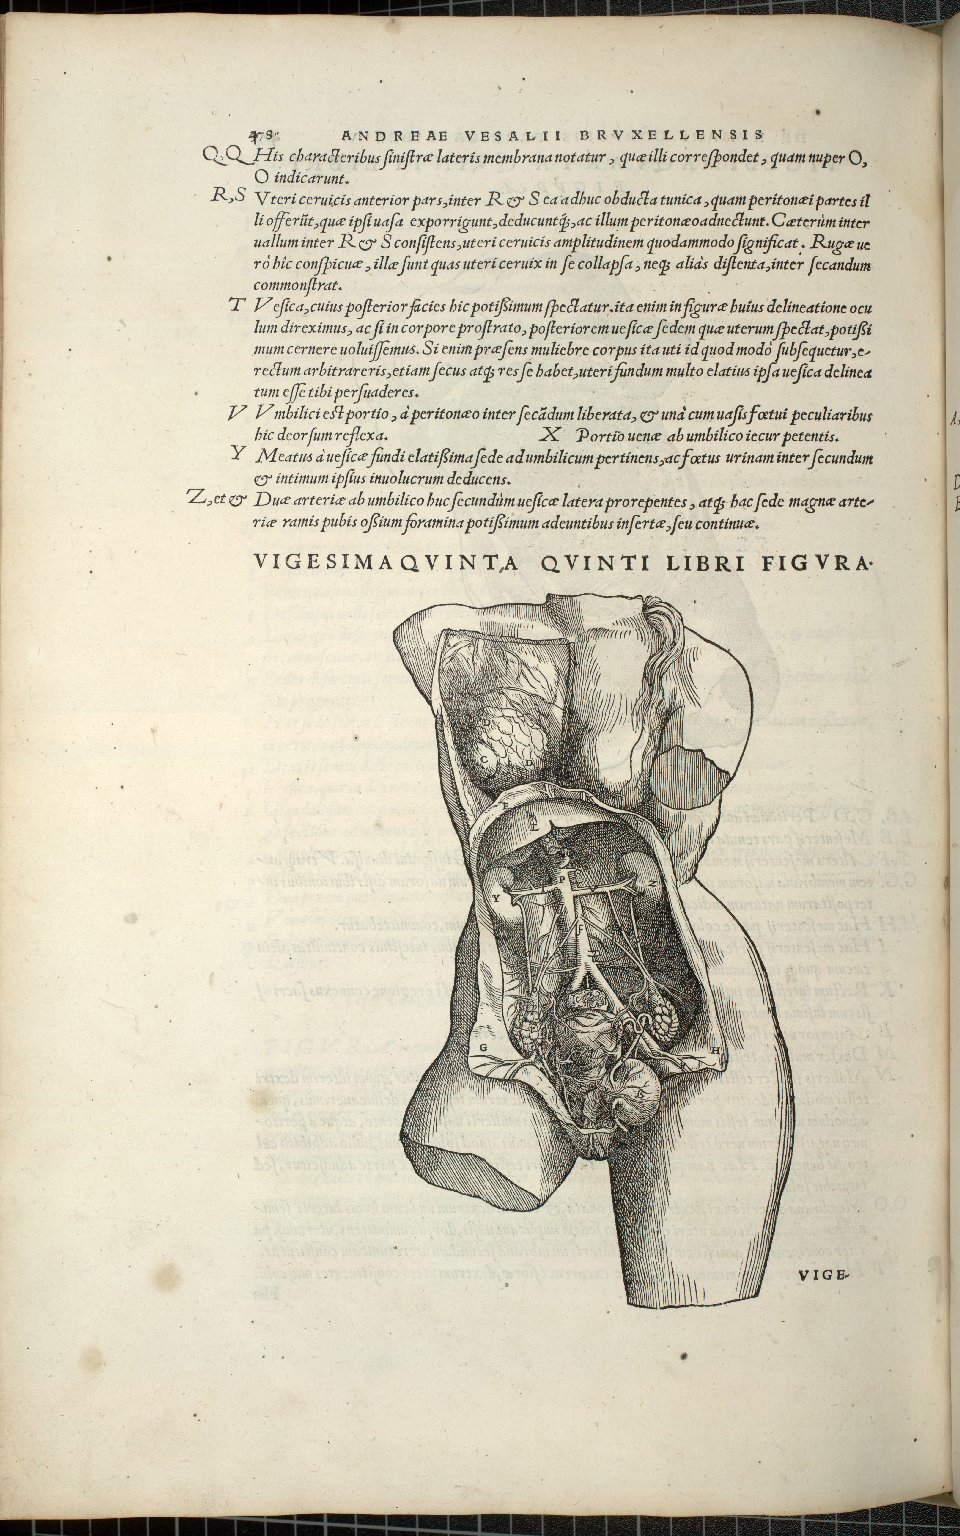 Organis Nutritioni, Vigesimaquinta Quinti Libri Figura.